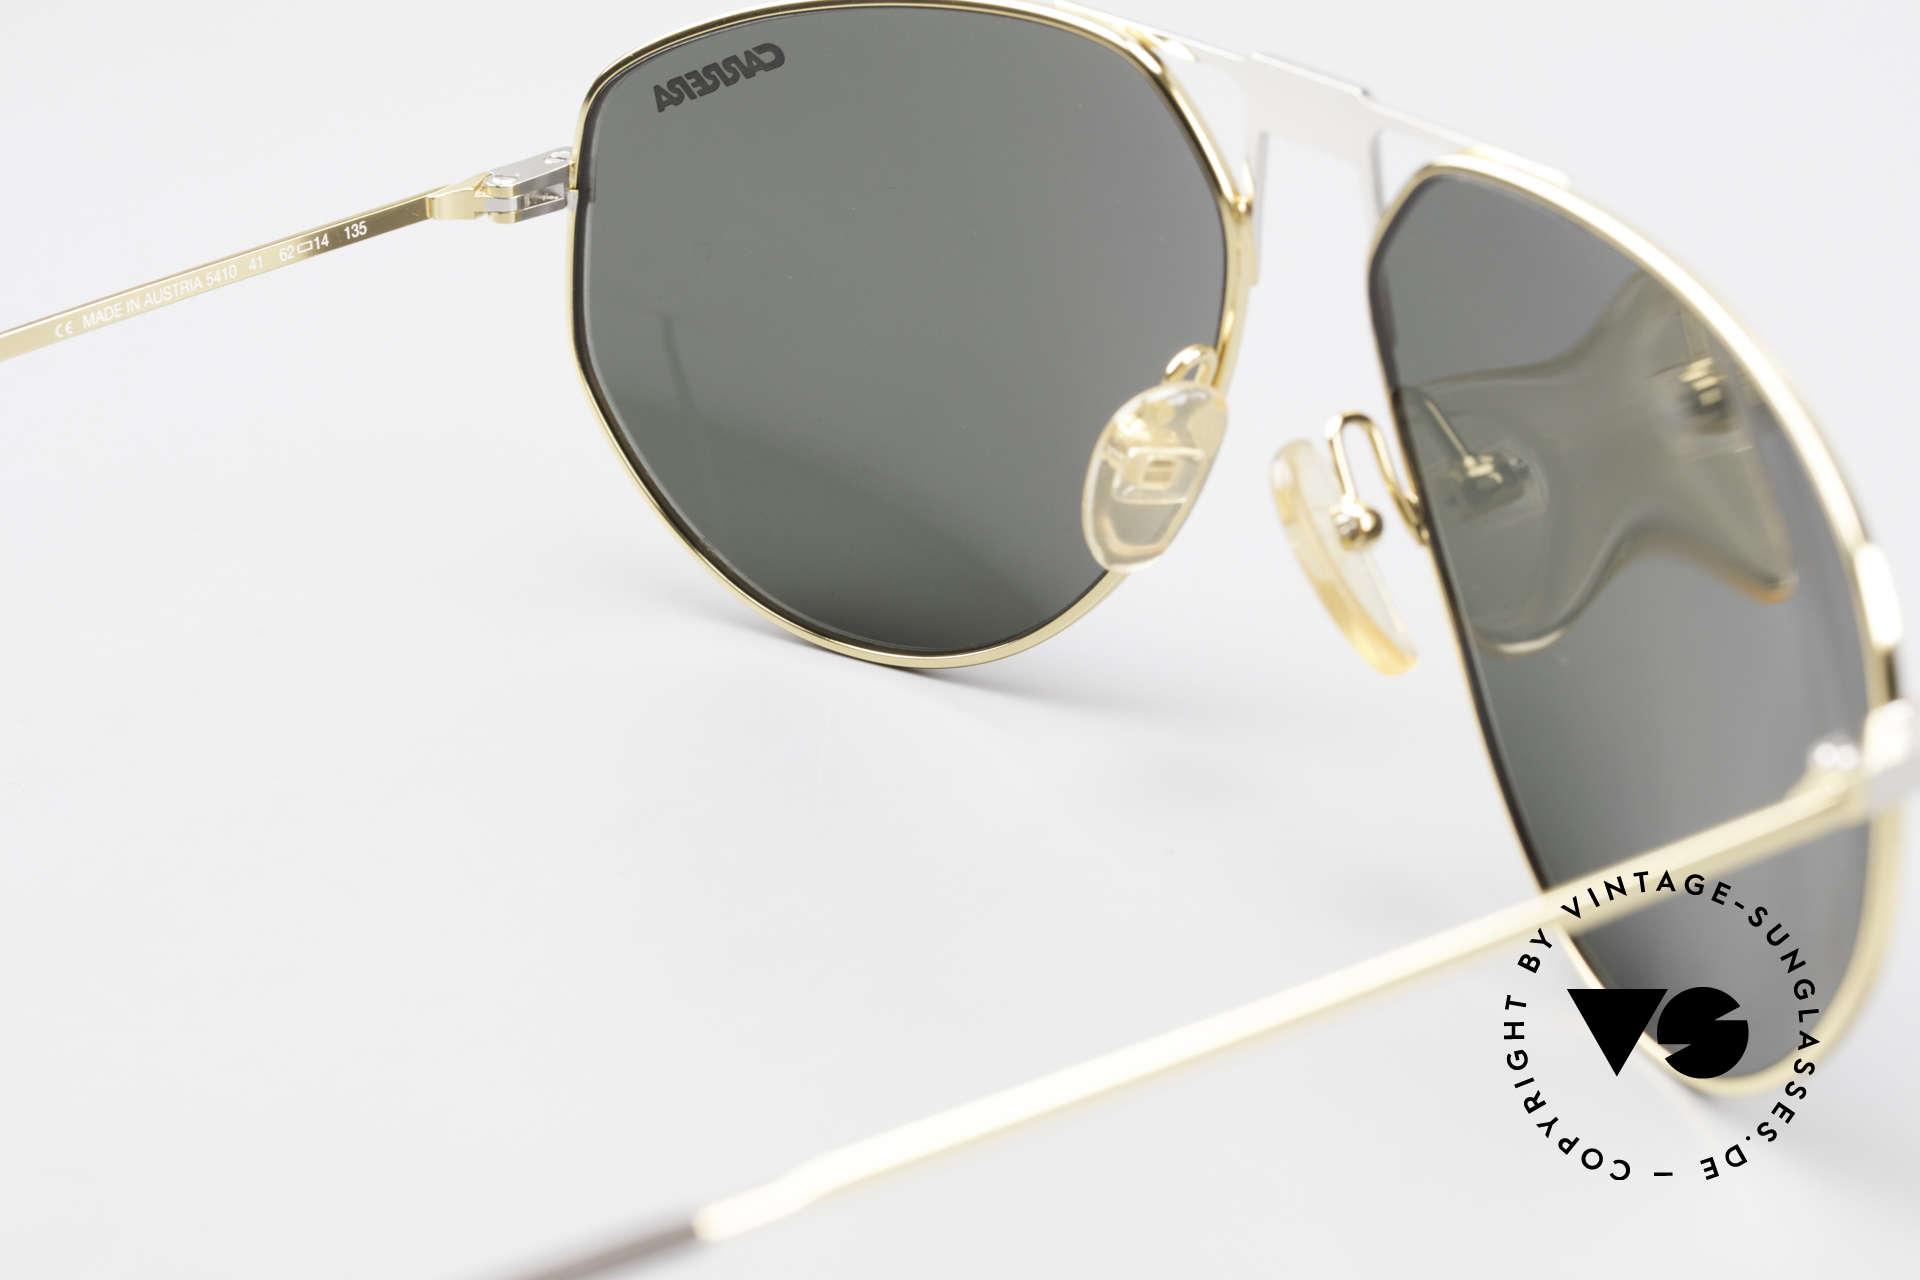 Carrera 5410 90er Vintage Brille Herren, Metallfassung könnte auch optisch verglast werden, Passend für Herren